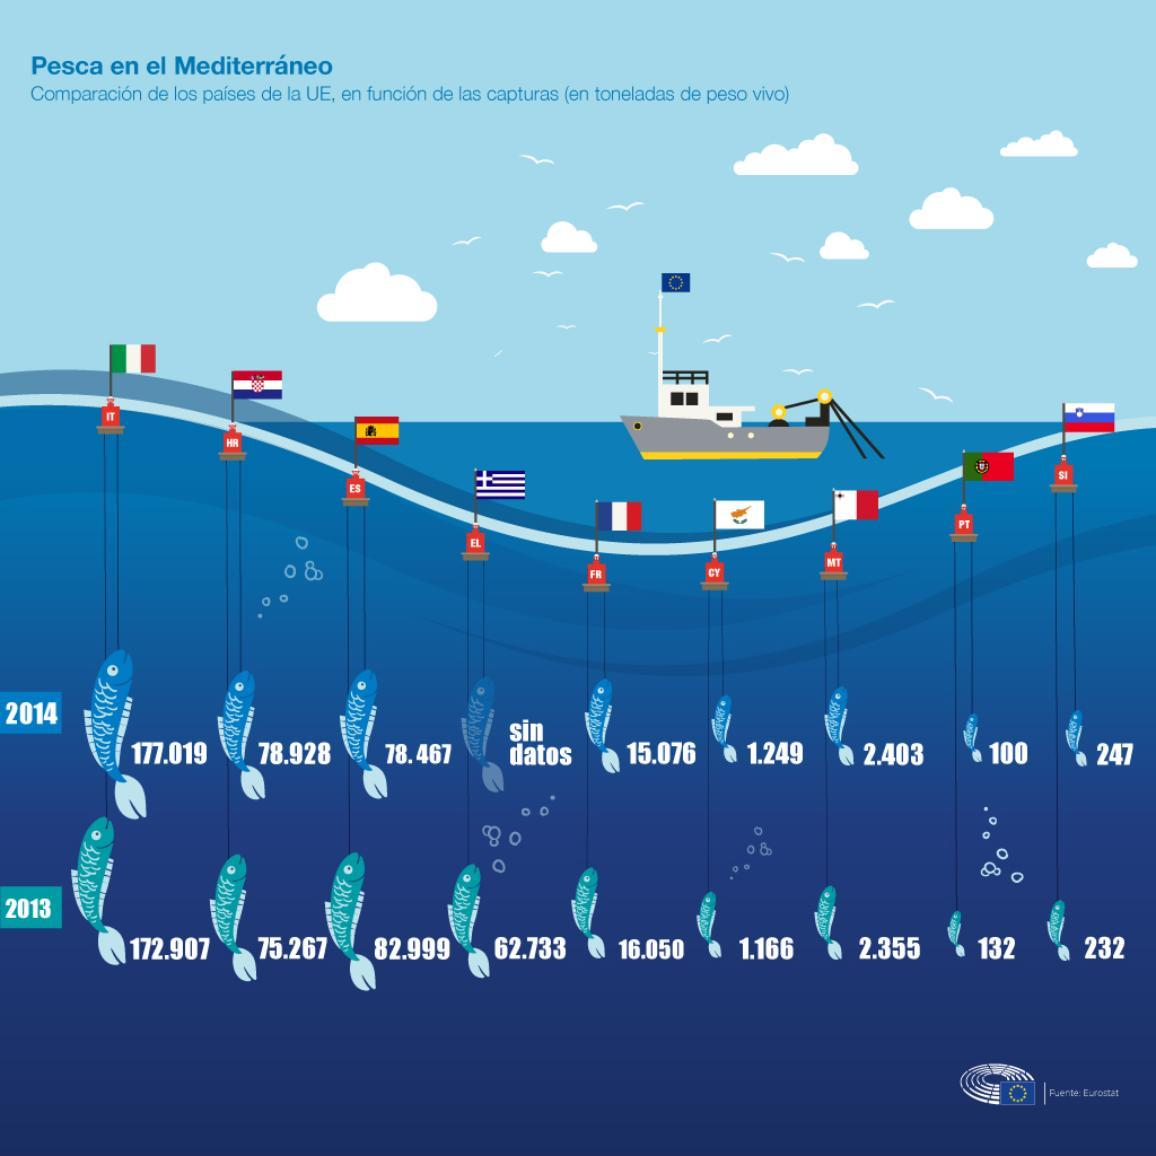 Consulte nuestra infografía sobre las capturas europeas en aguas del Mediterráneo.